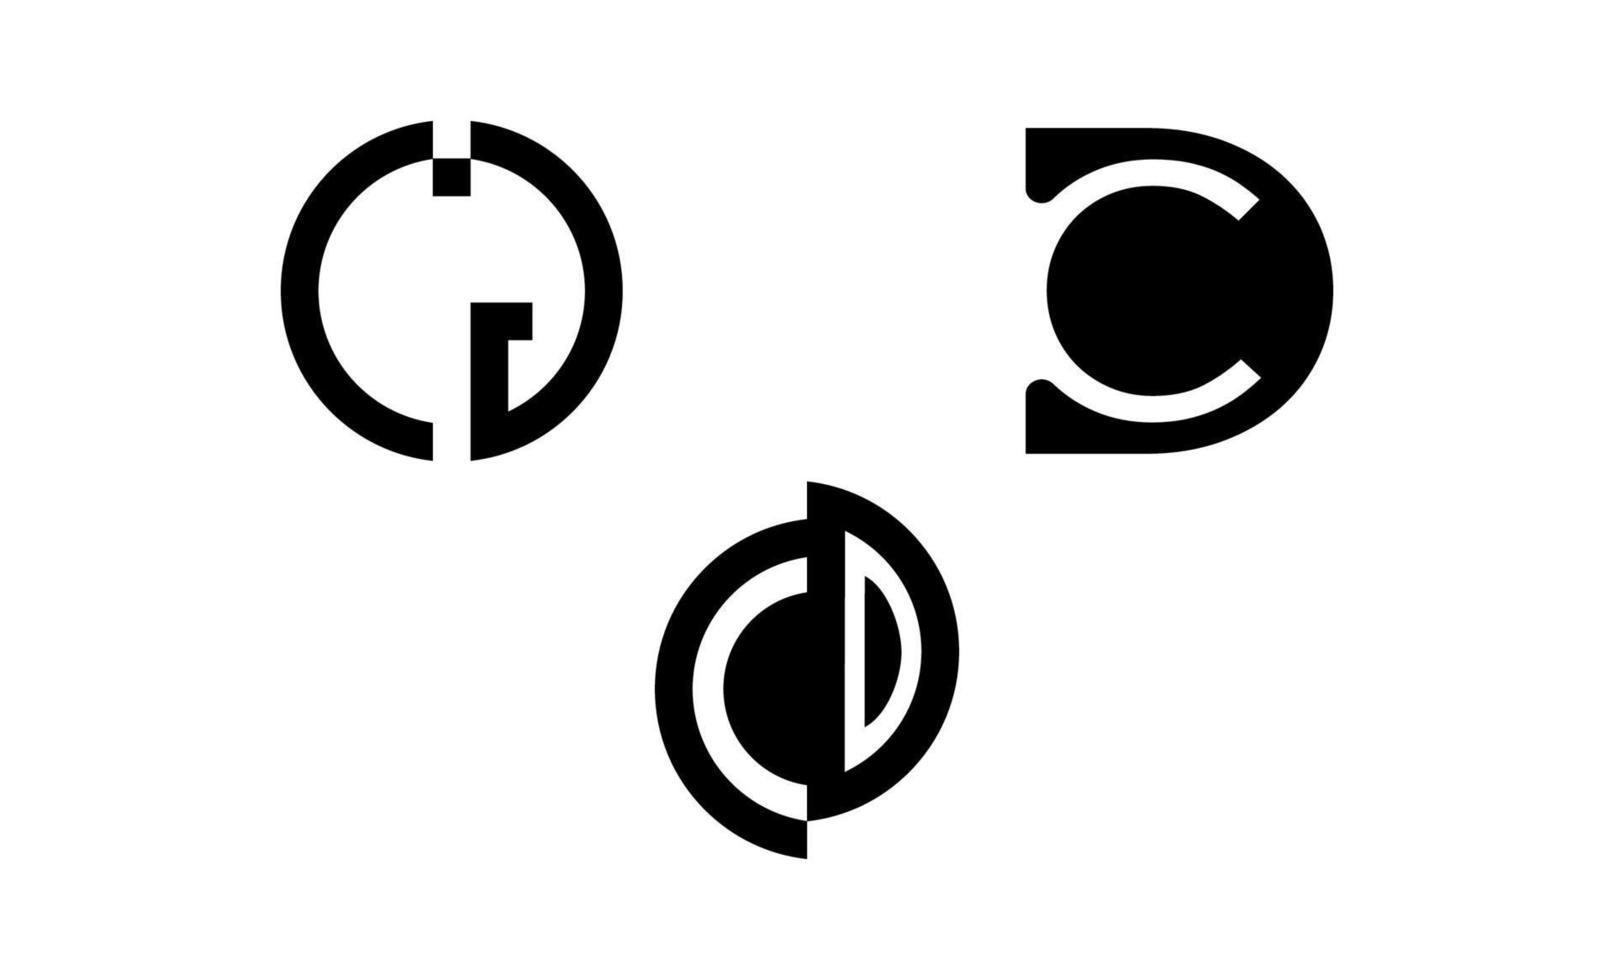 Ilustración de vector de logotipo de cd inicial